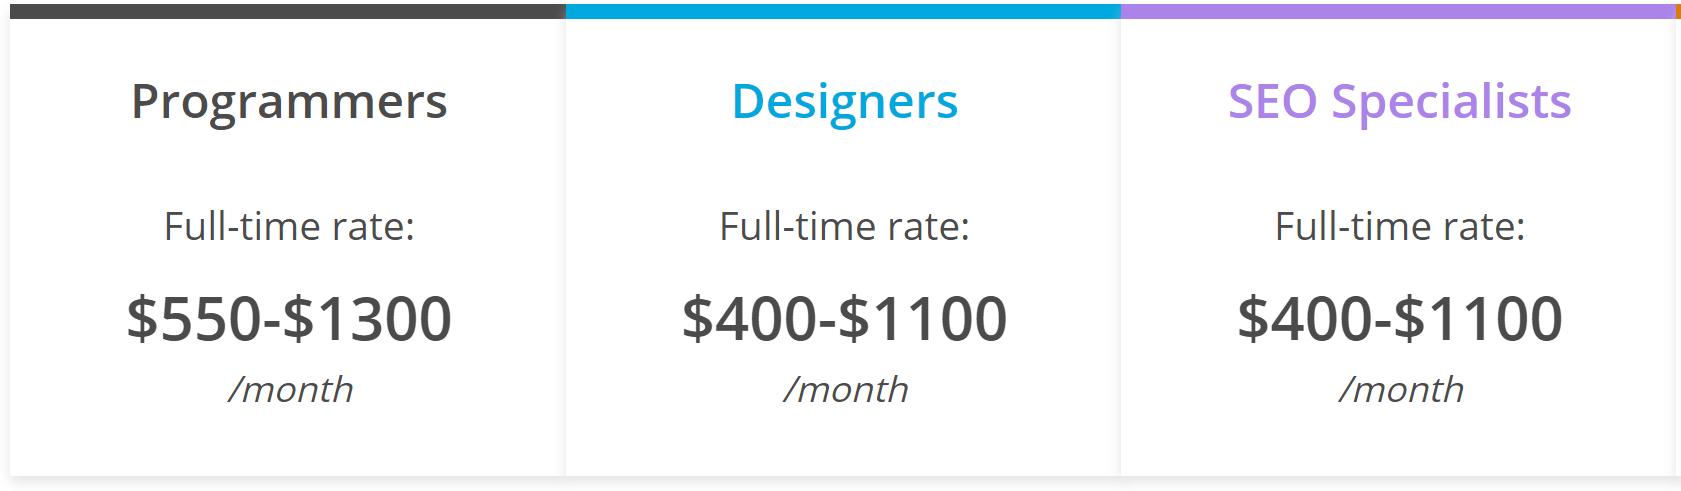 virtual assistant salaries